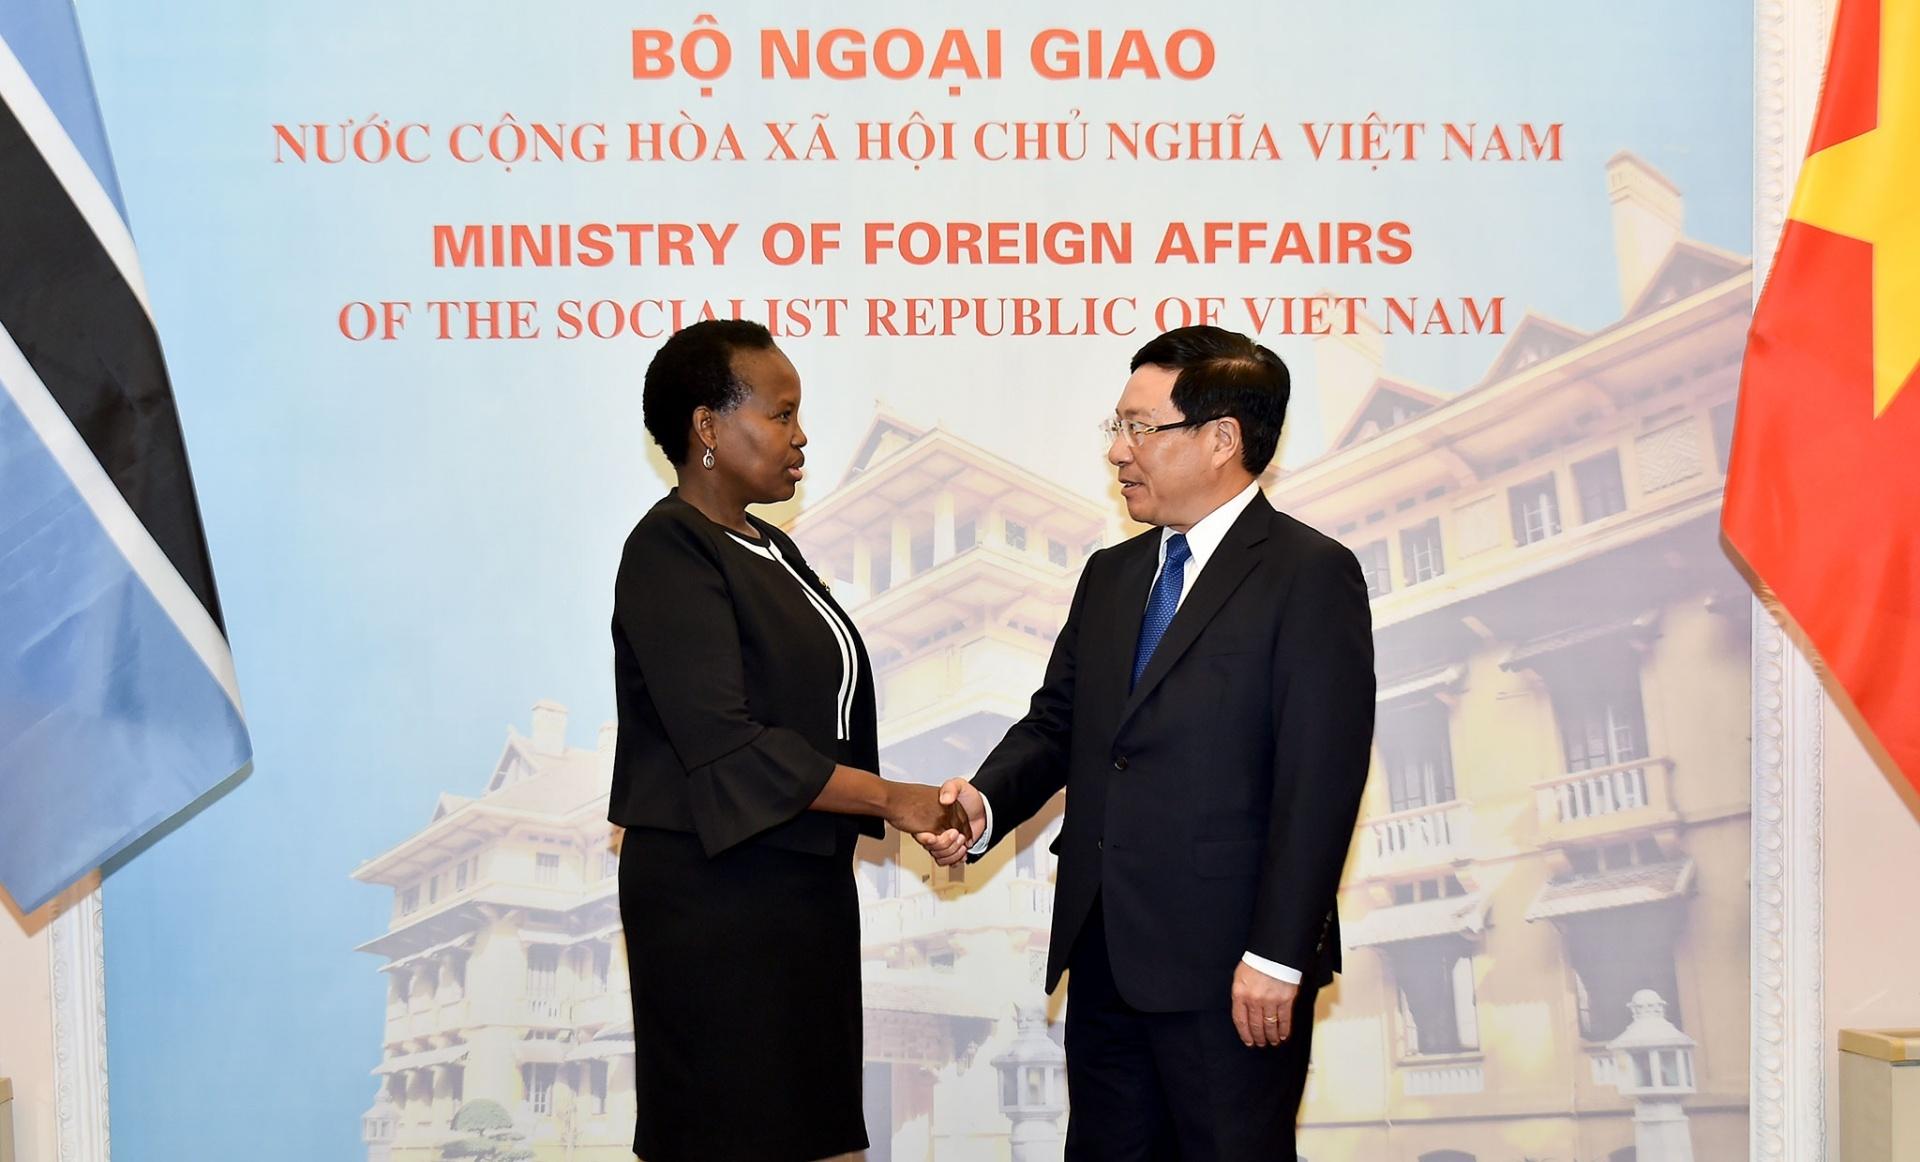 Đưa quan hệ hữu nghị và hợp tác giữa Việt Nam - Bốt-xoa-na bước vào giai đoạn phát triển mới